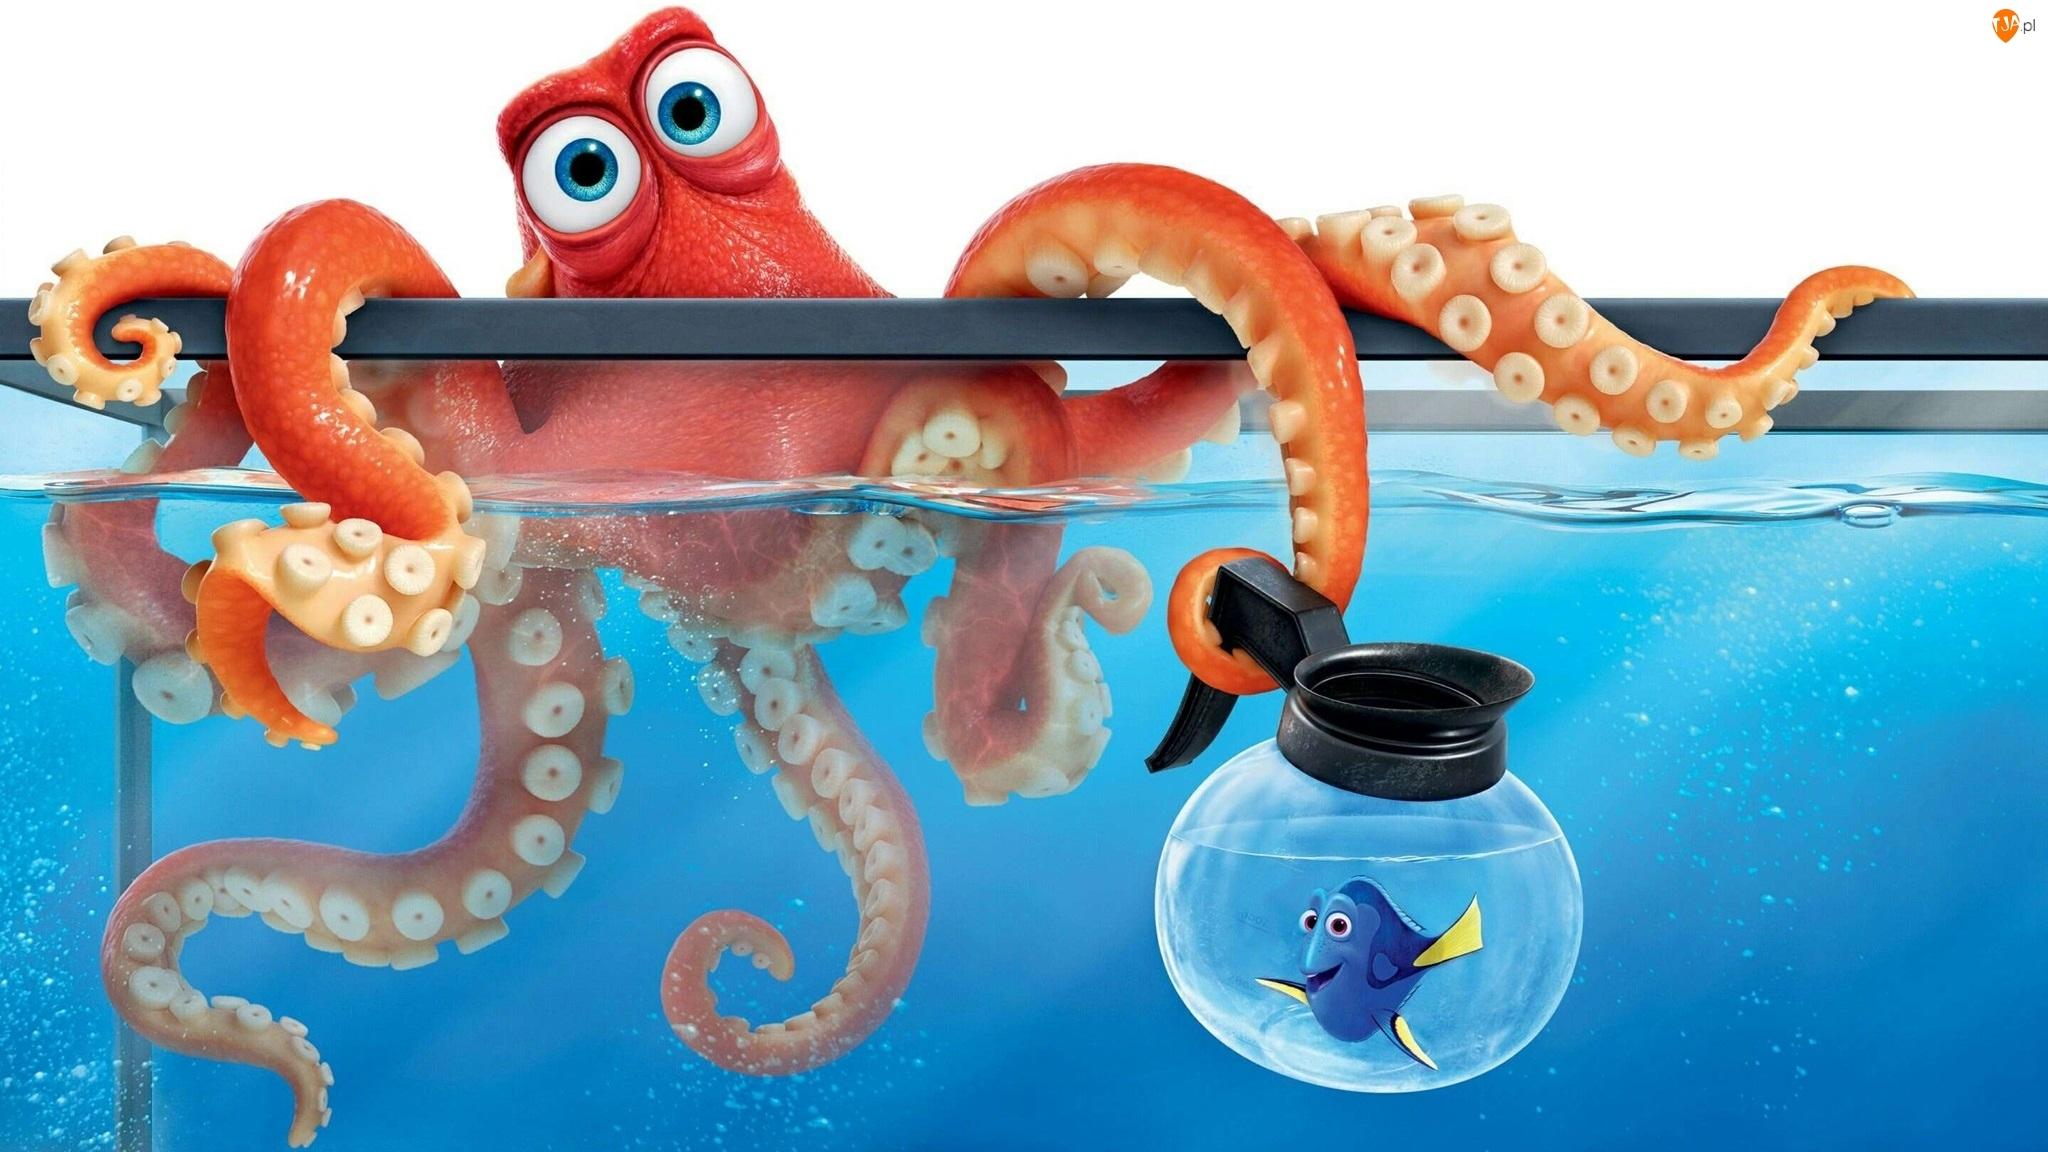 Gdzie jest Dory, Akwarium, Grafika 3D, Rybka Dory, Film animowany, Ośmiornica Hank